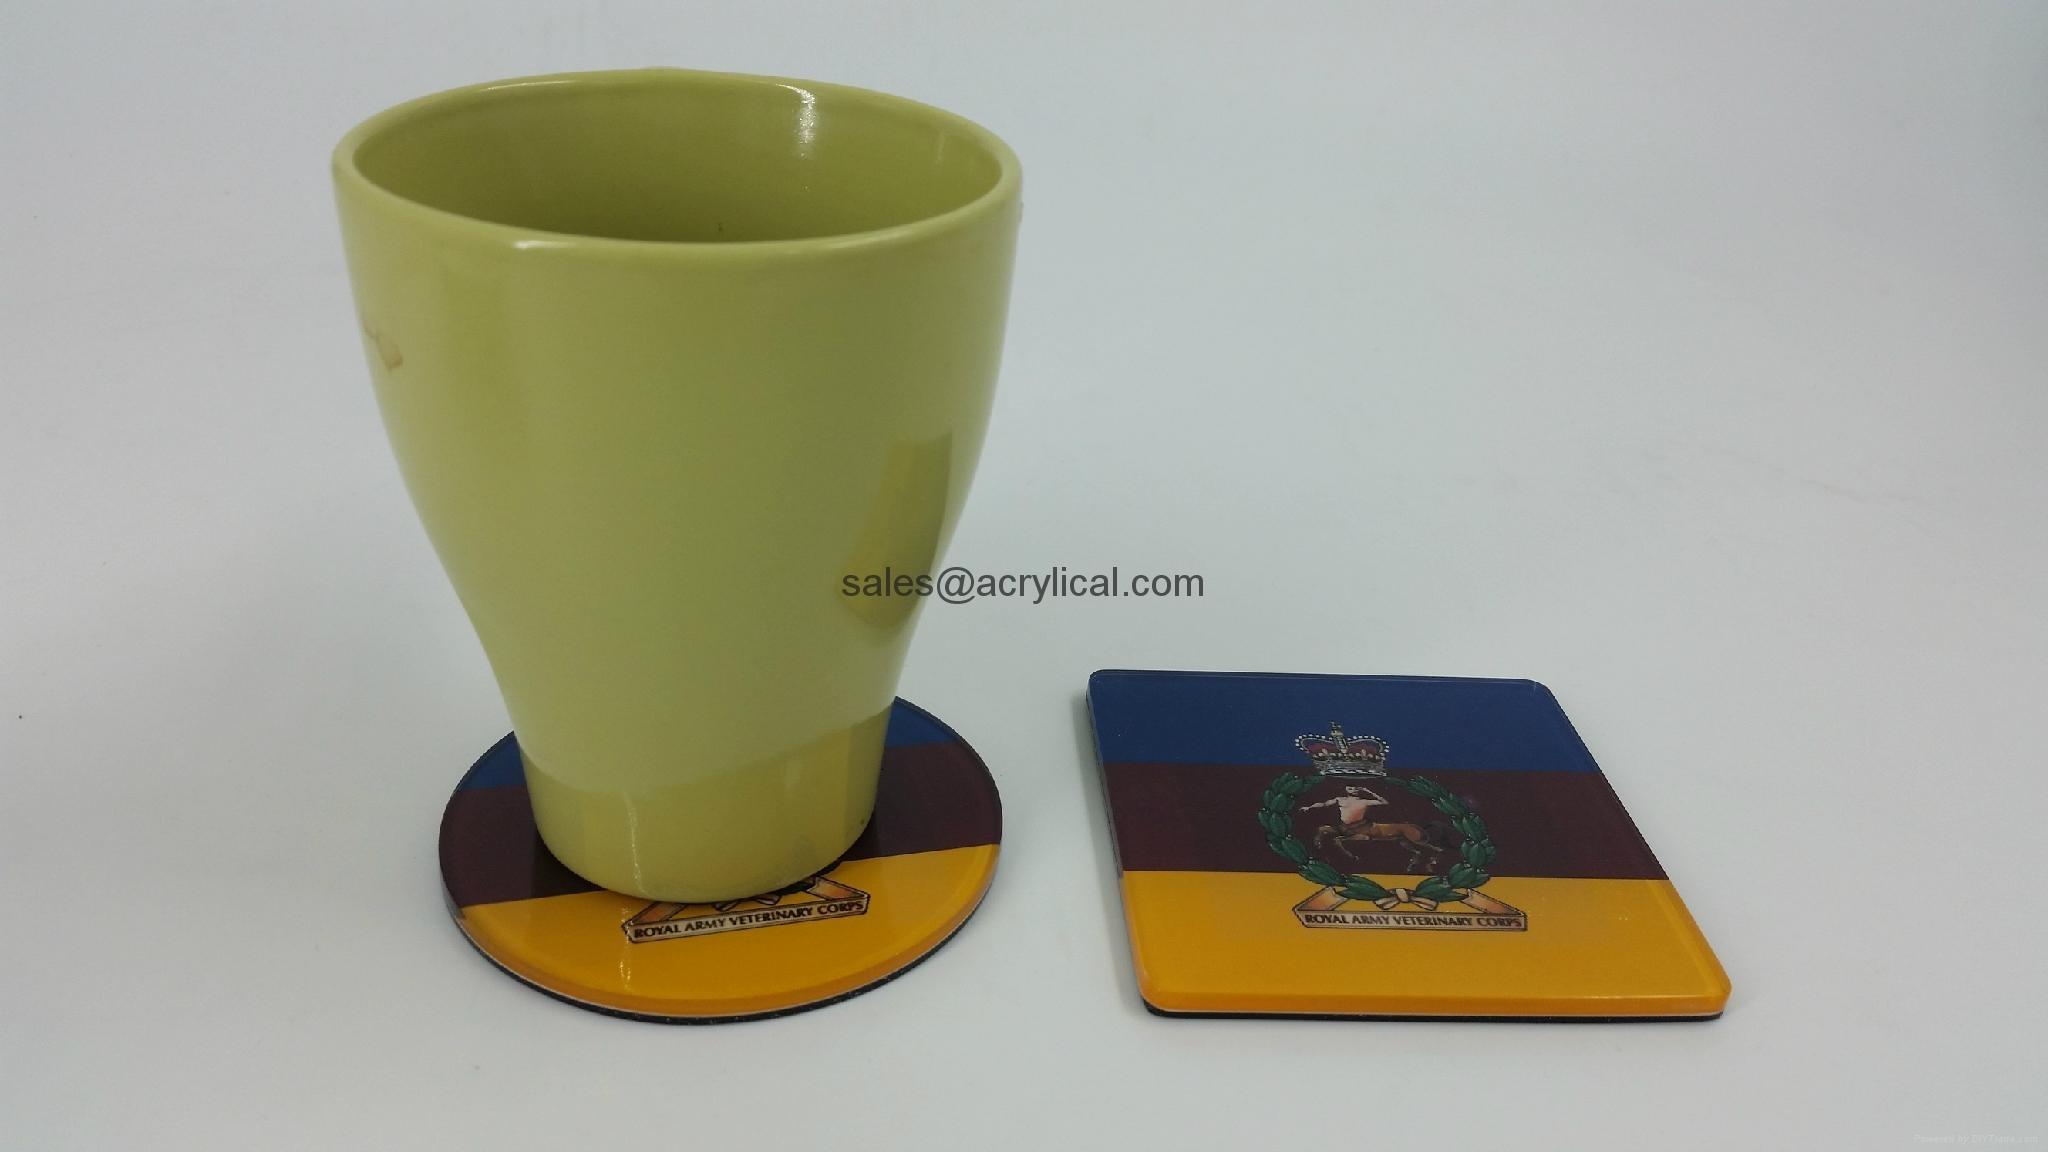 广告促销杯垫,软胶杯垫,广告促销品,酒店酒吧杯垫